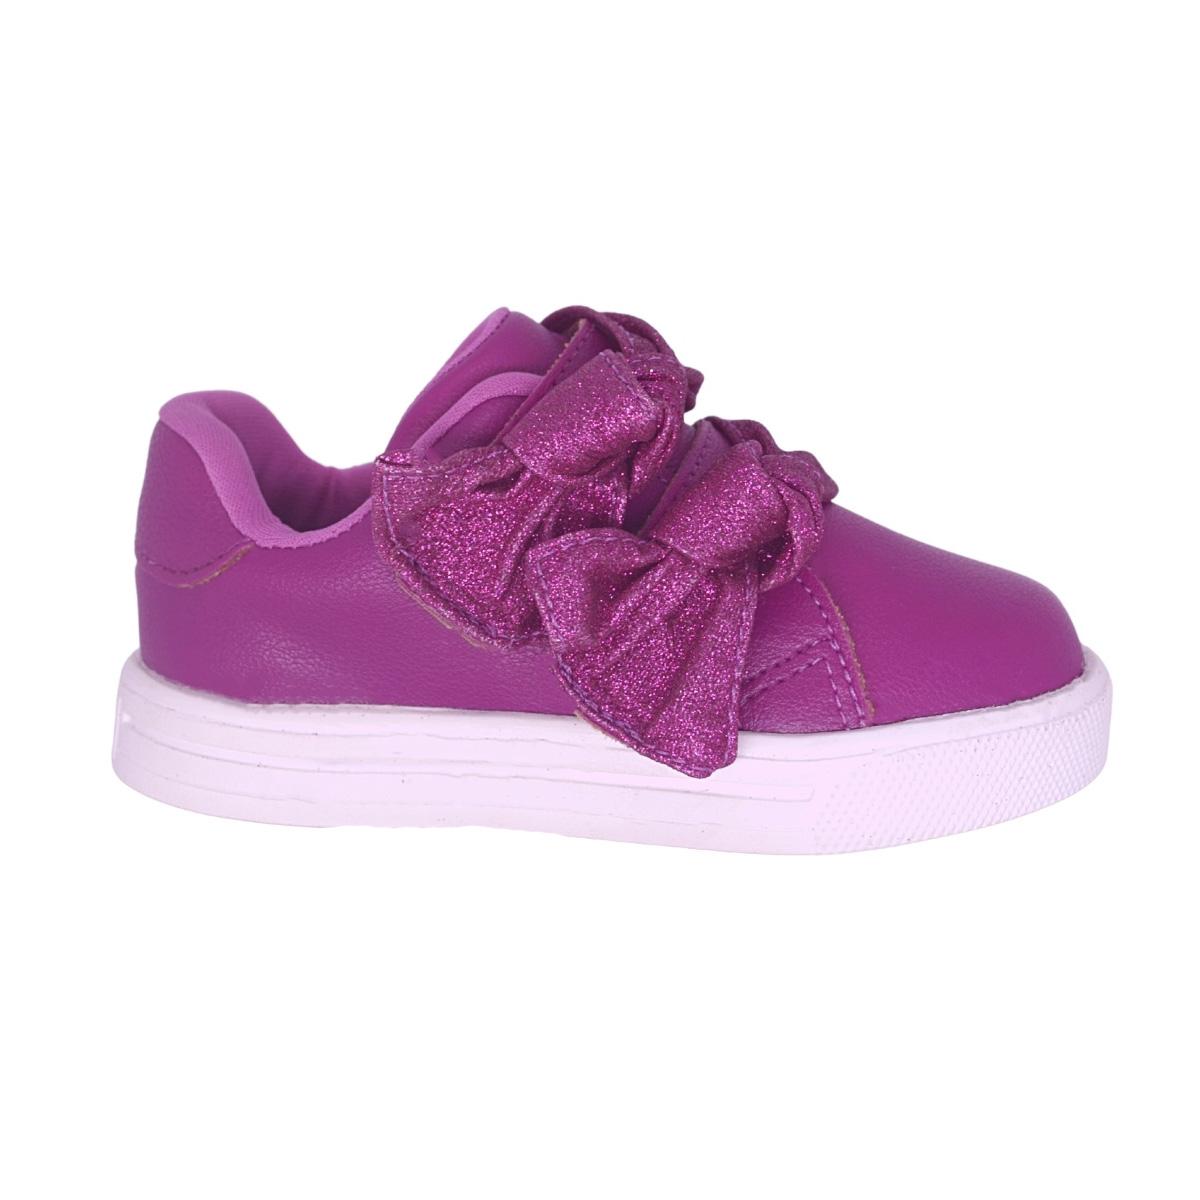 Tenis Infantil Baby Pink com brilho